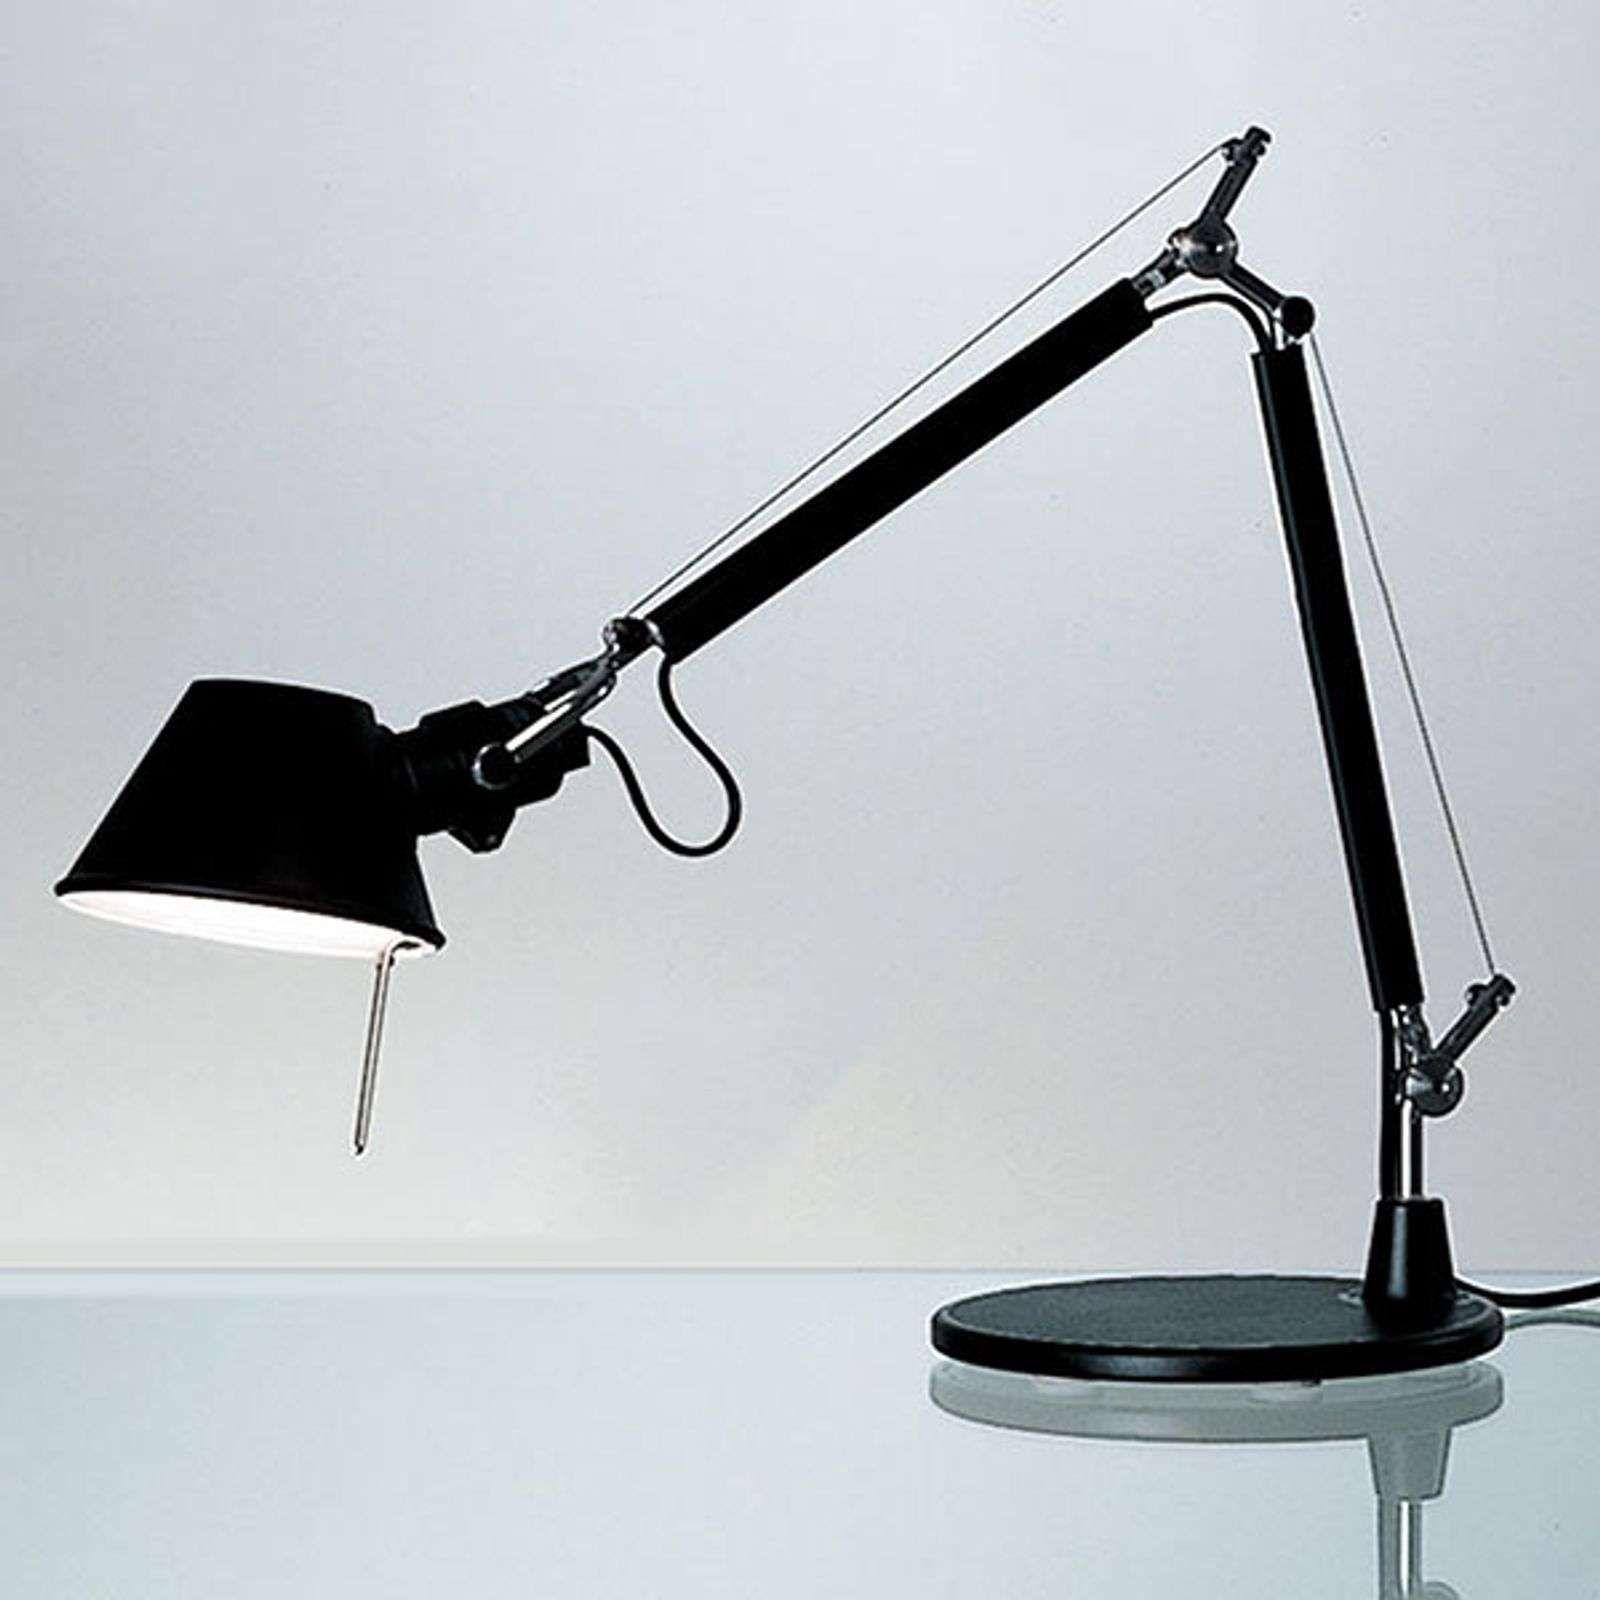 Artemide Tolomeo Micro Lampe A Poser En 2020 Lampe De Bureau Lampe A Poser Lampe